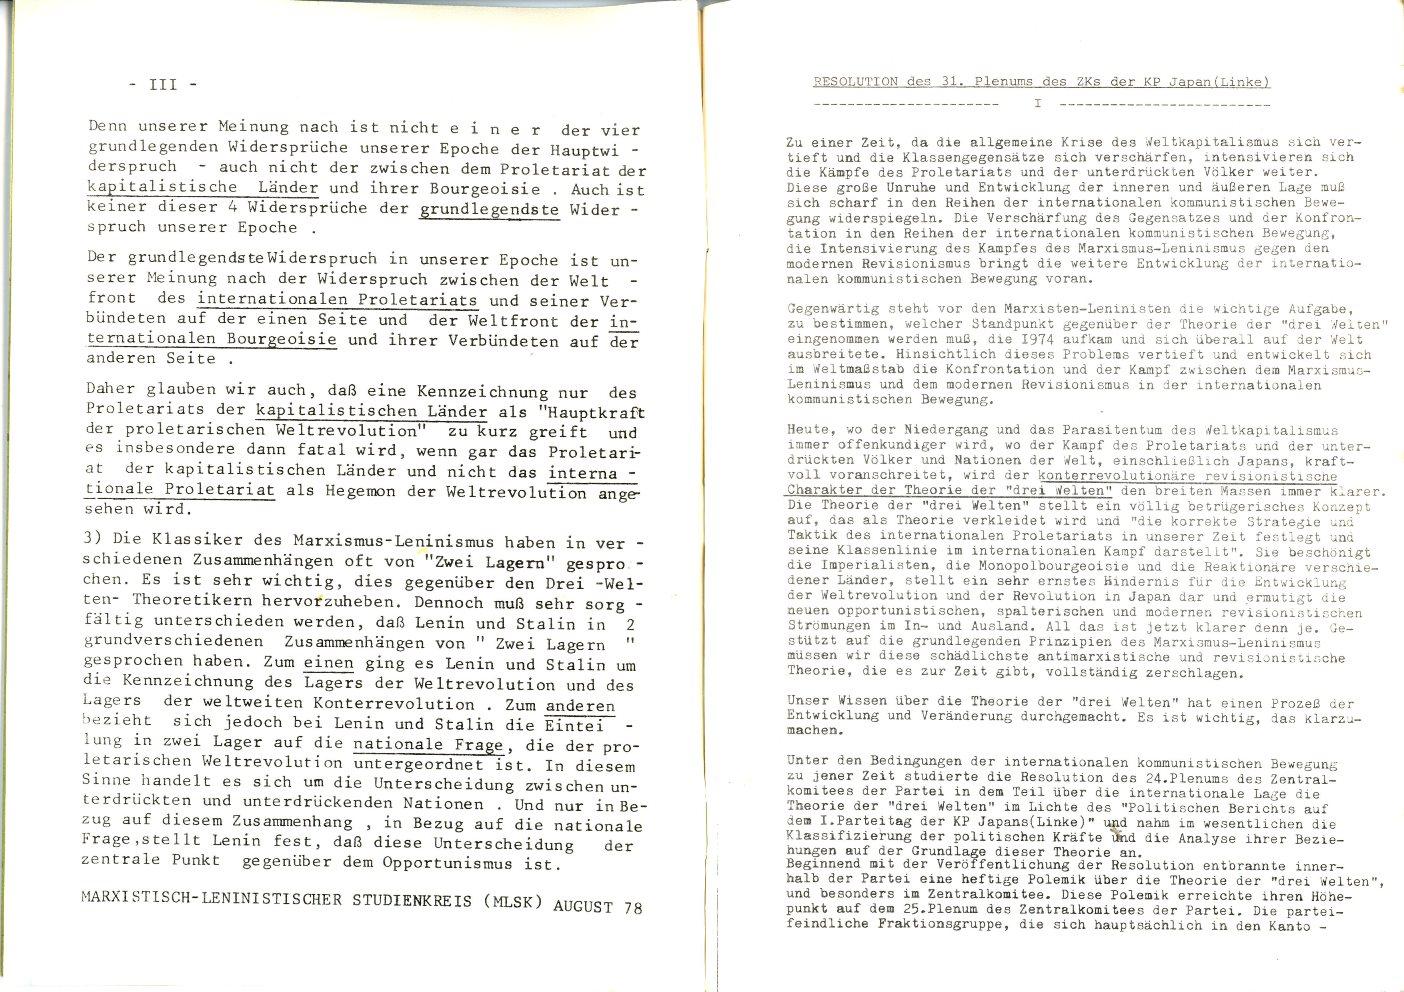 MLSK_Theorie_und_Praxis_des_ML_1978_22_03